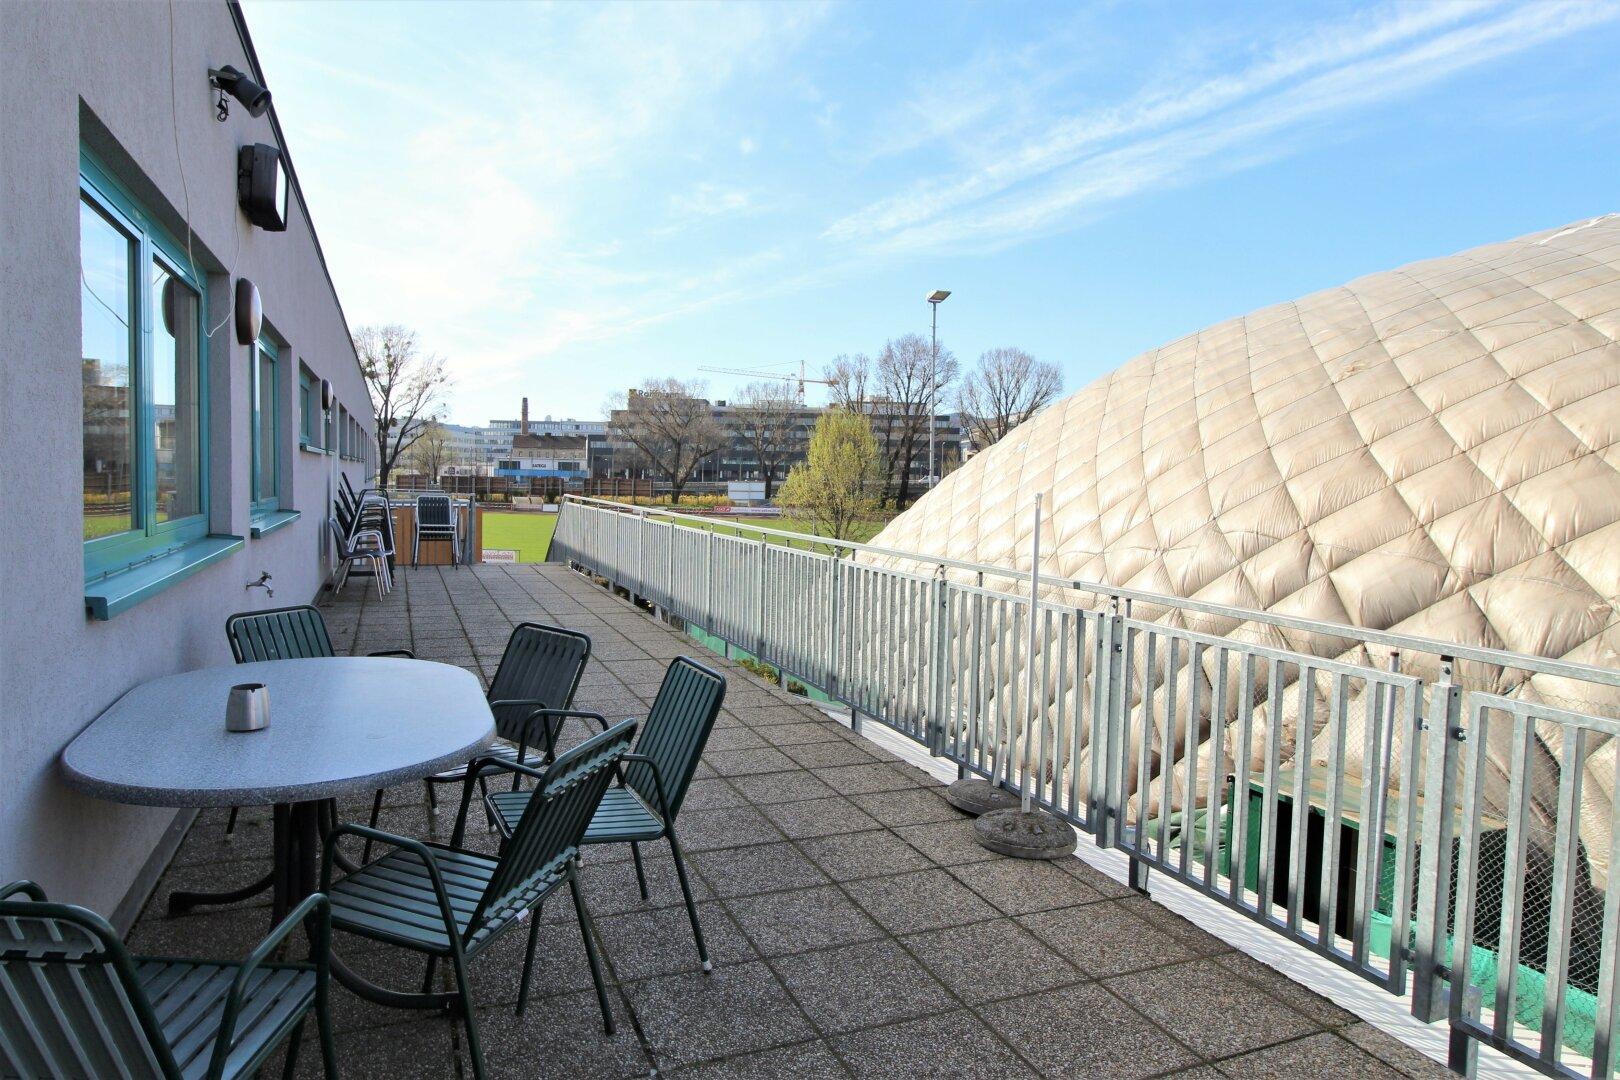 Terrasse beim Tennisplatz